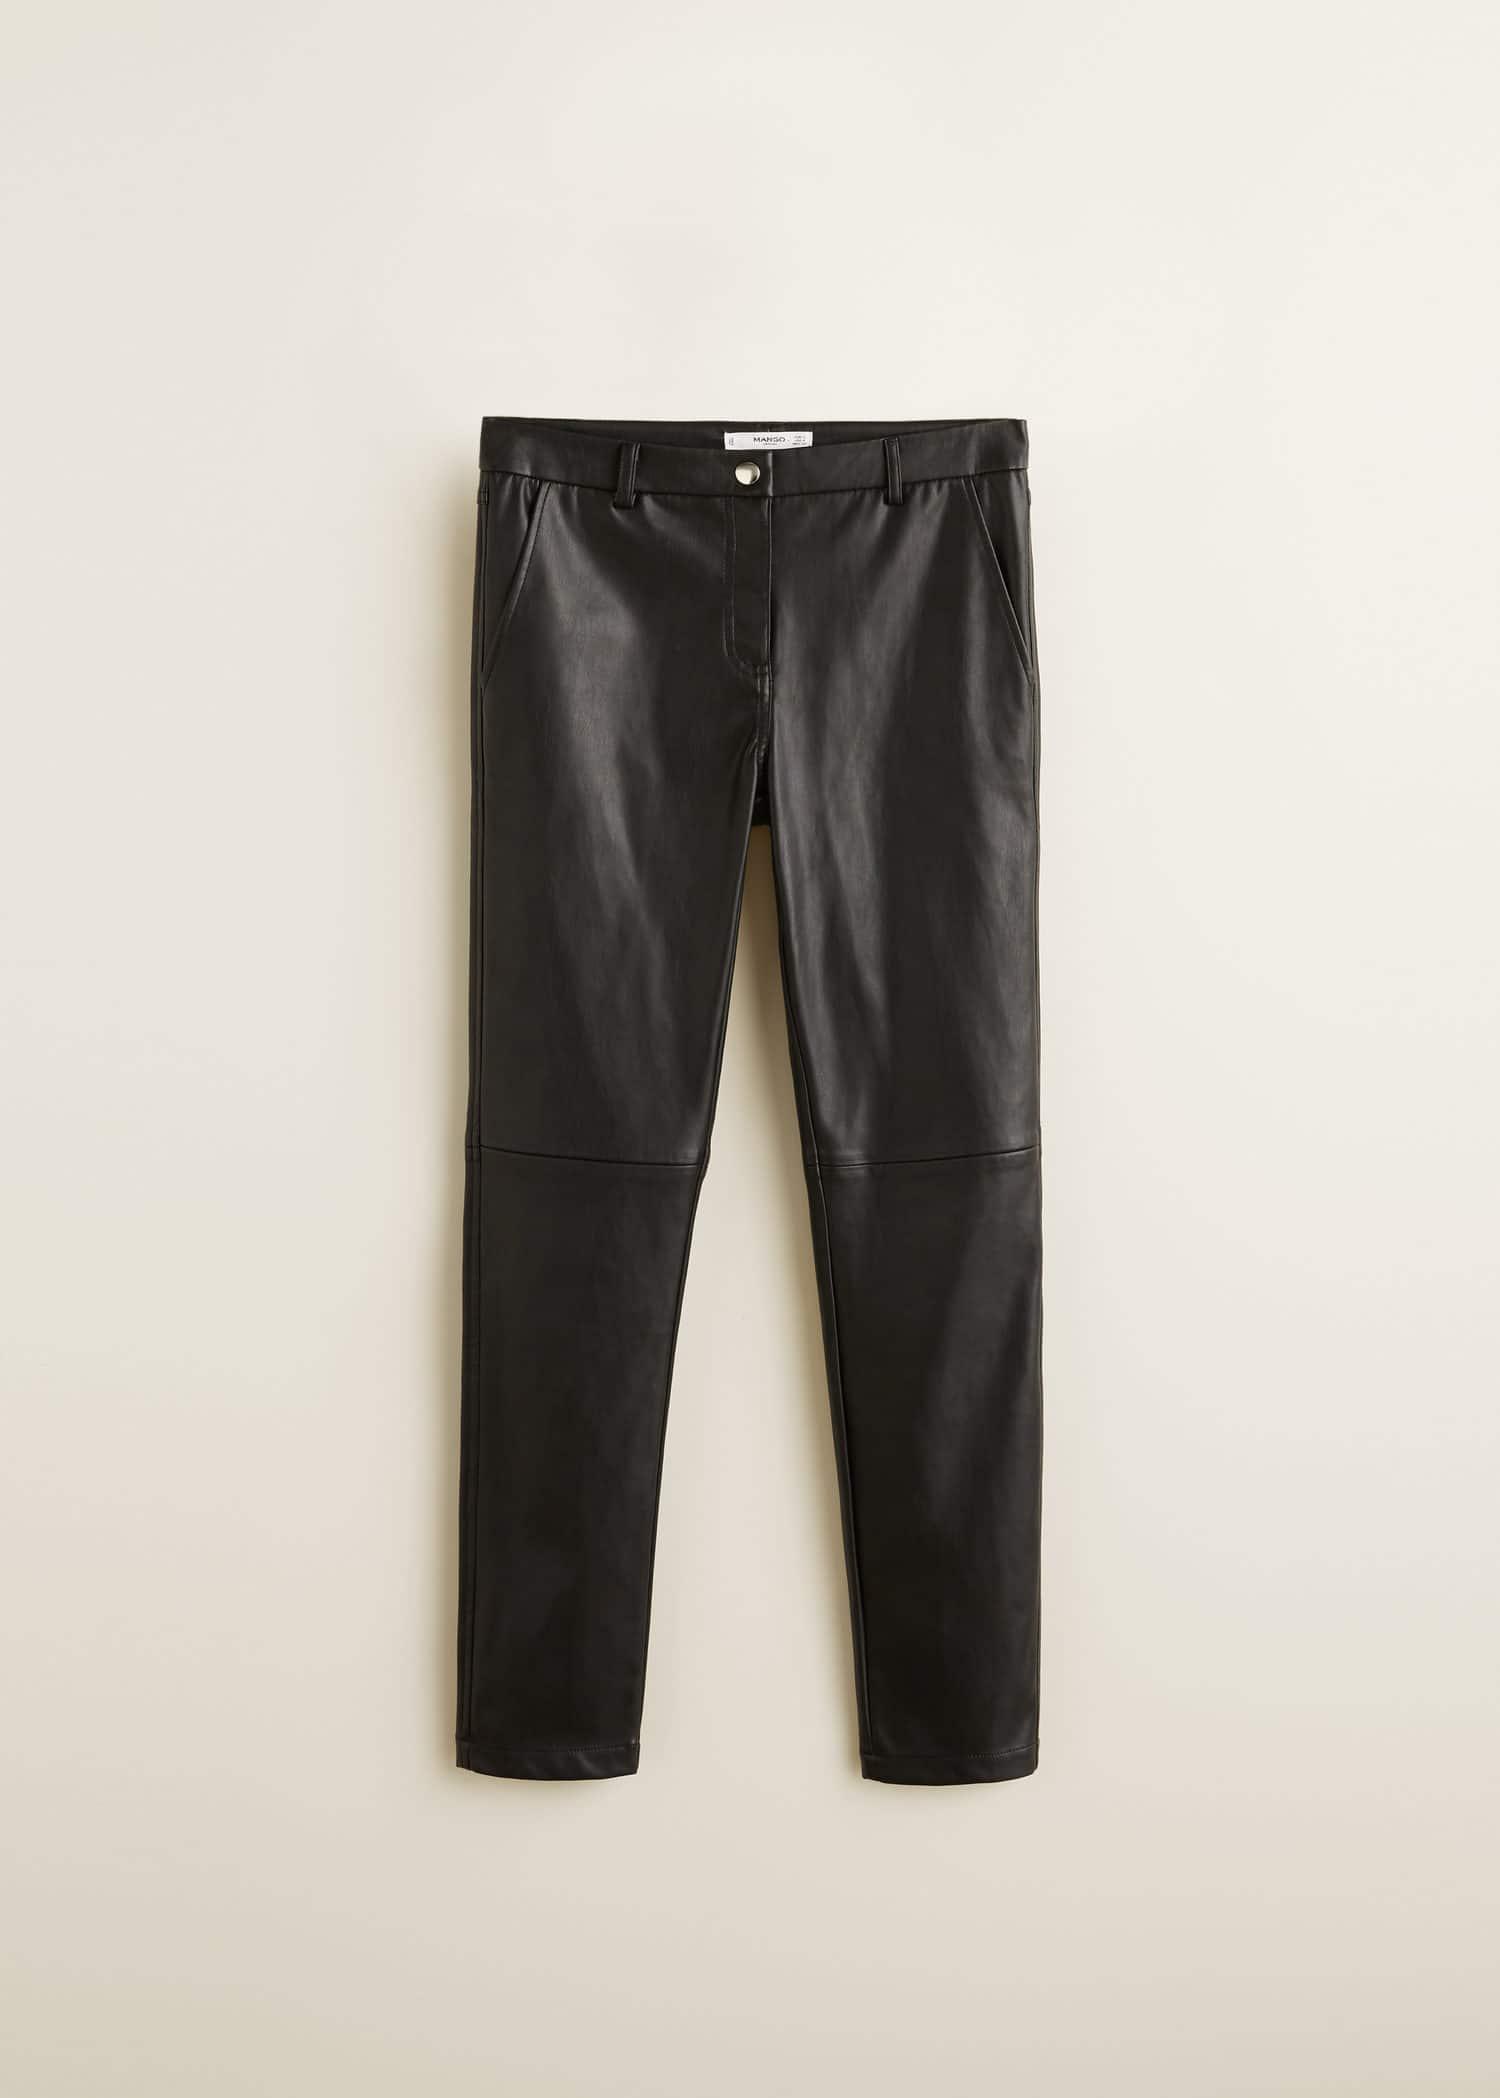 Seam slim trousers Seam detail fit detail fit trousers slim wqZITKpxv